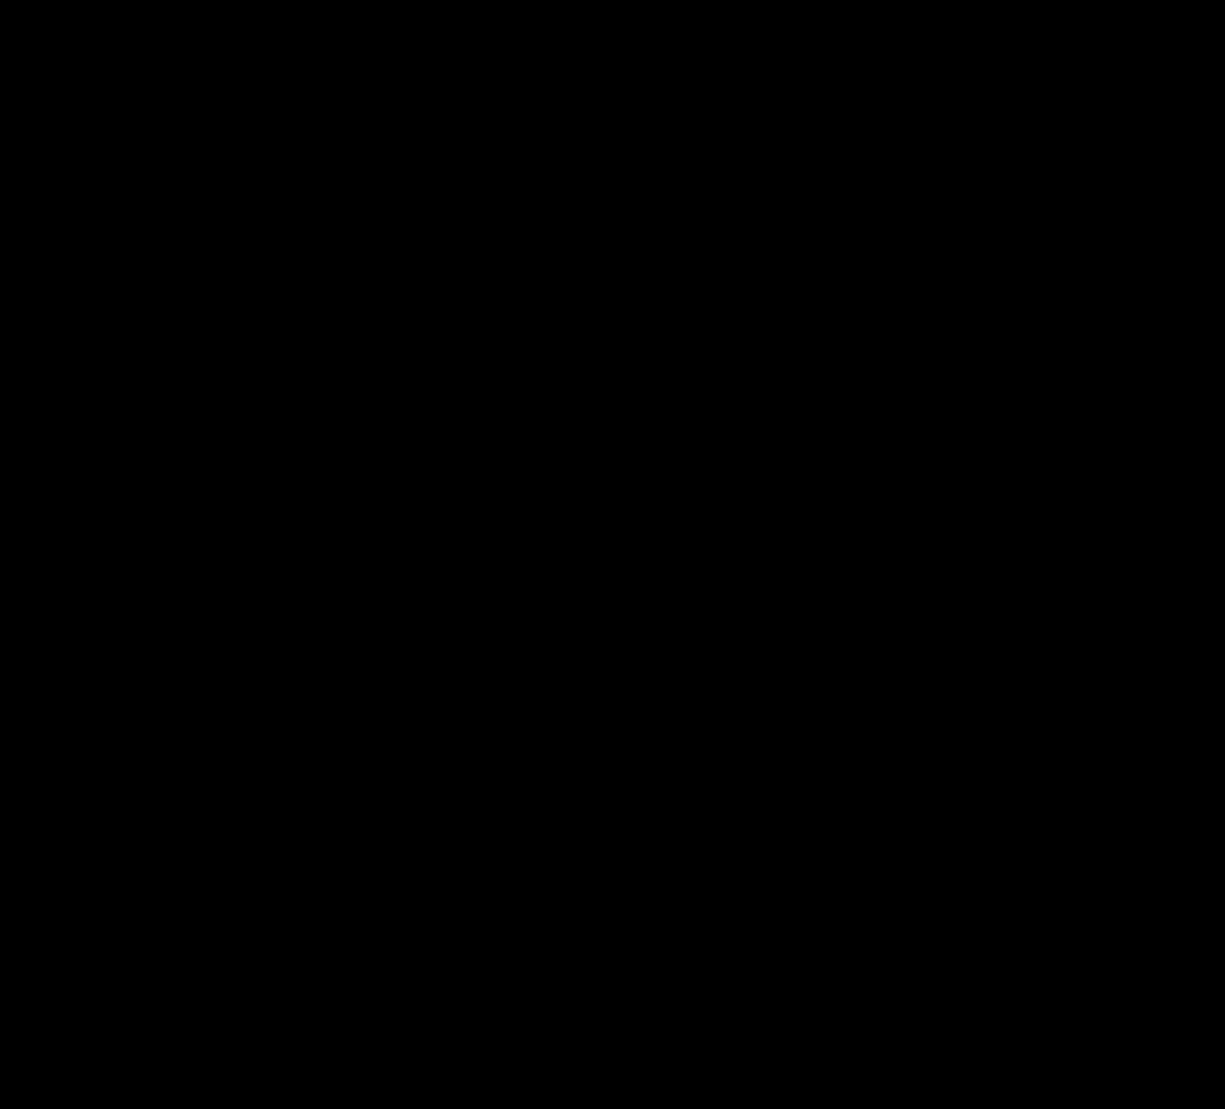 scp 1004 ru